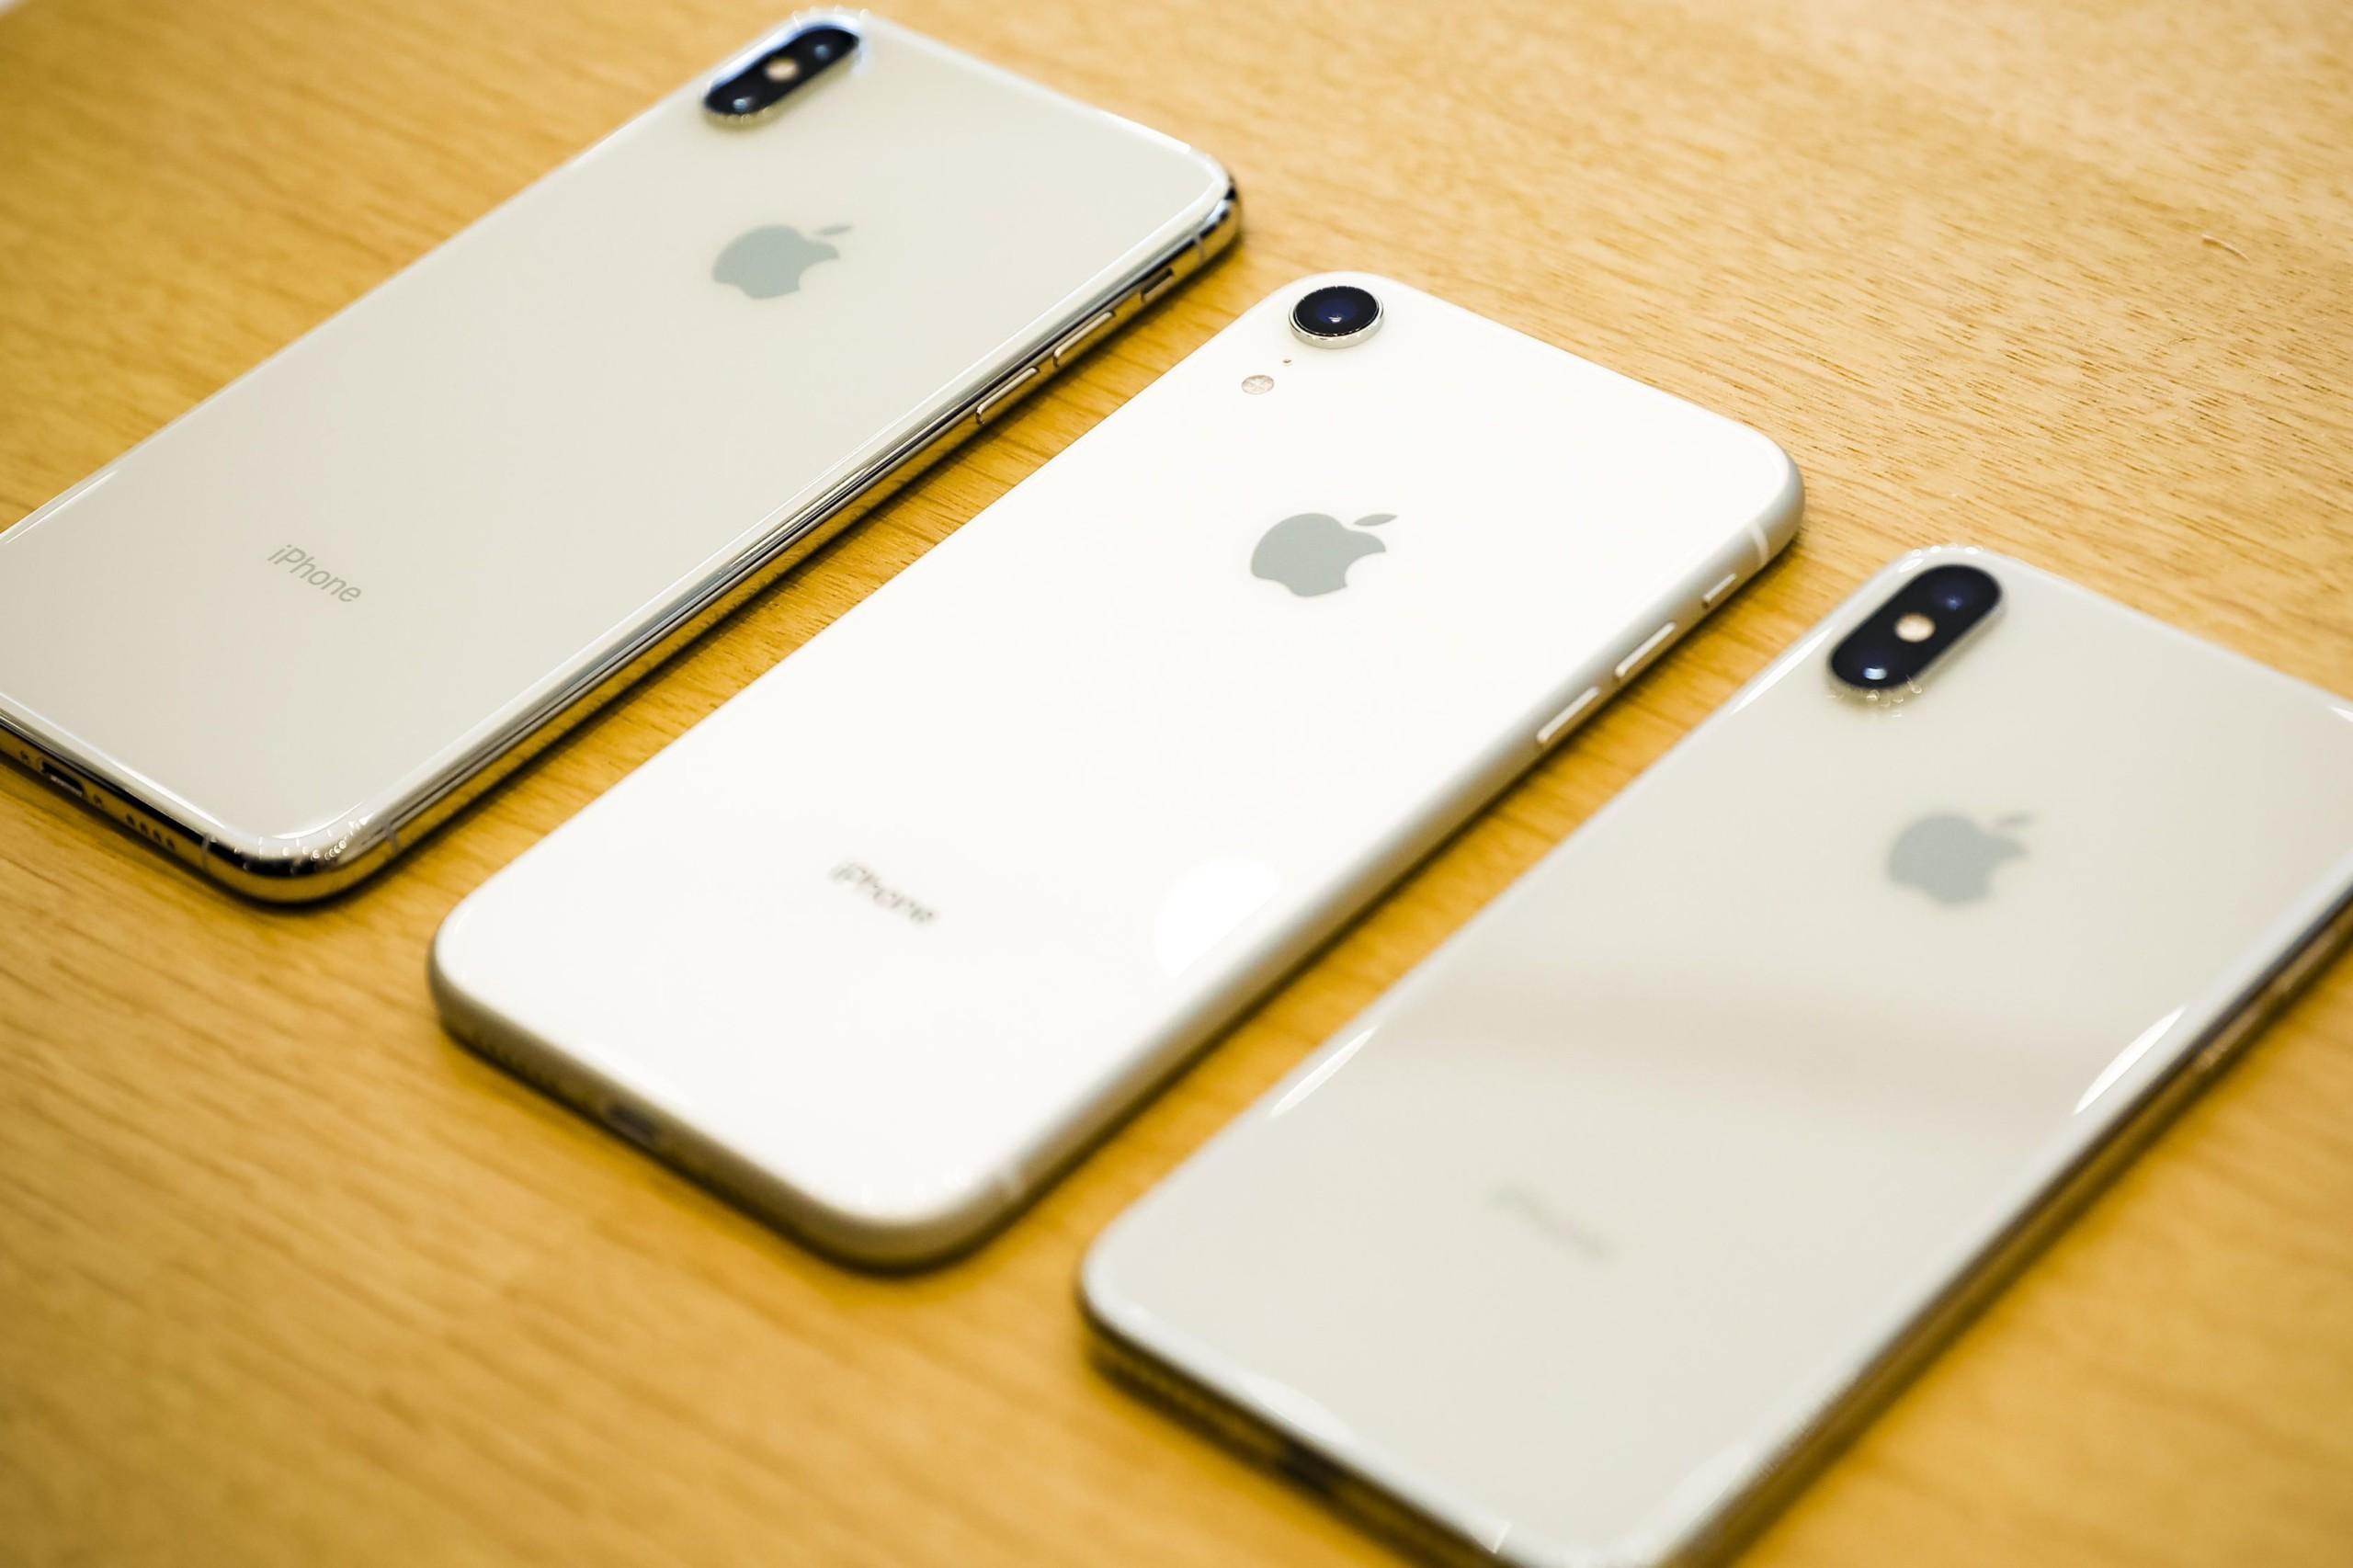 Quels sont les smartphones les plus contrefaits? L'iPhone8 en tête